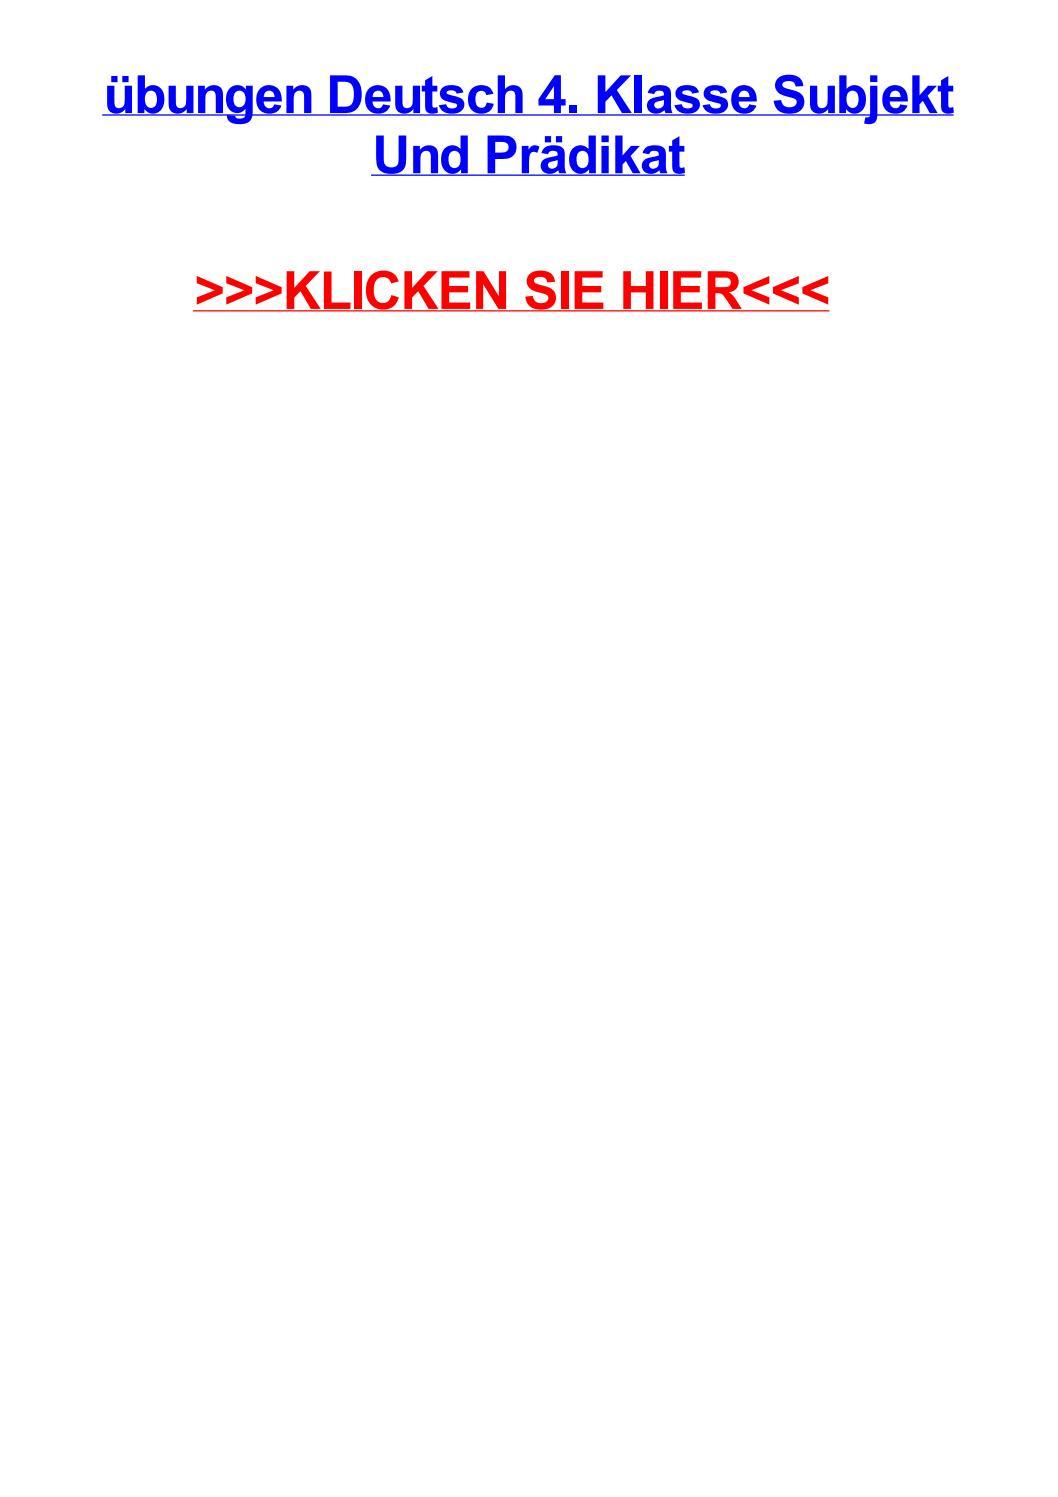 Jbungen deutsch 4 klasse subjekt und prdikat by monicailmtm - issuu